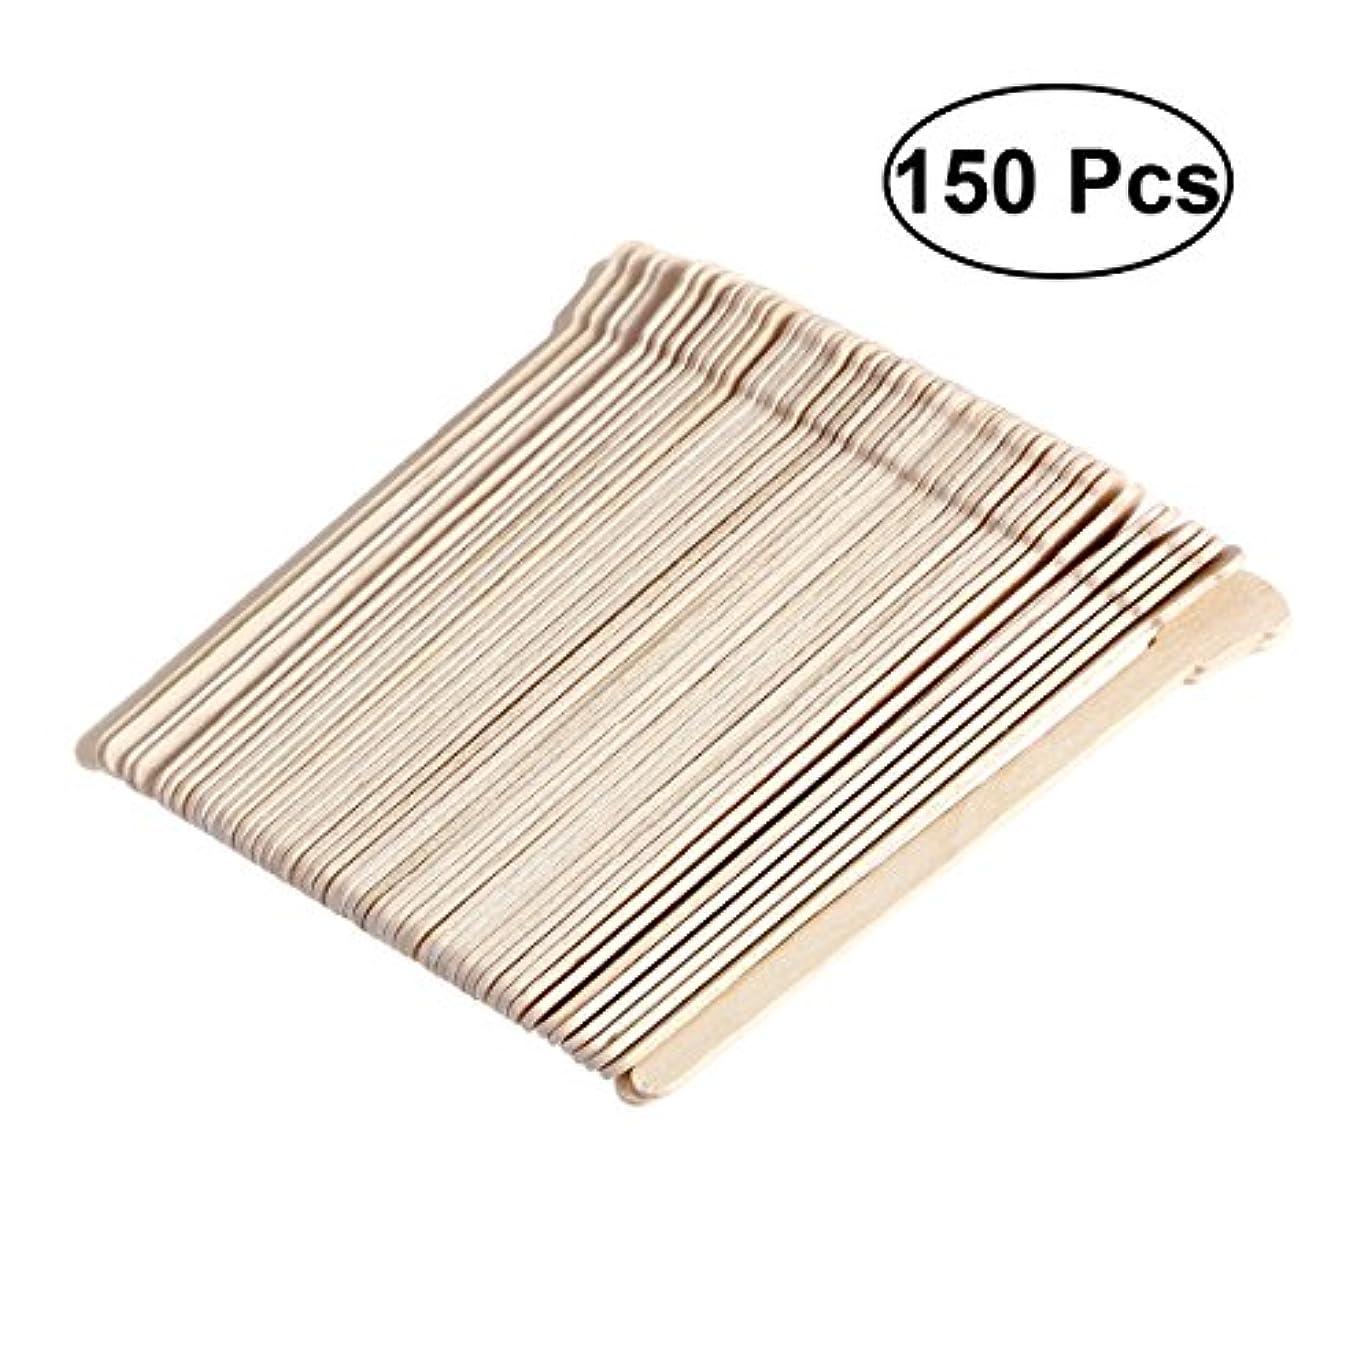 生理数キャプテンSUPVOX 150ピース木製ワックススティックフェイス眉毛ワックスへら脱毛(オリジナル木製色)